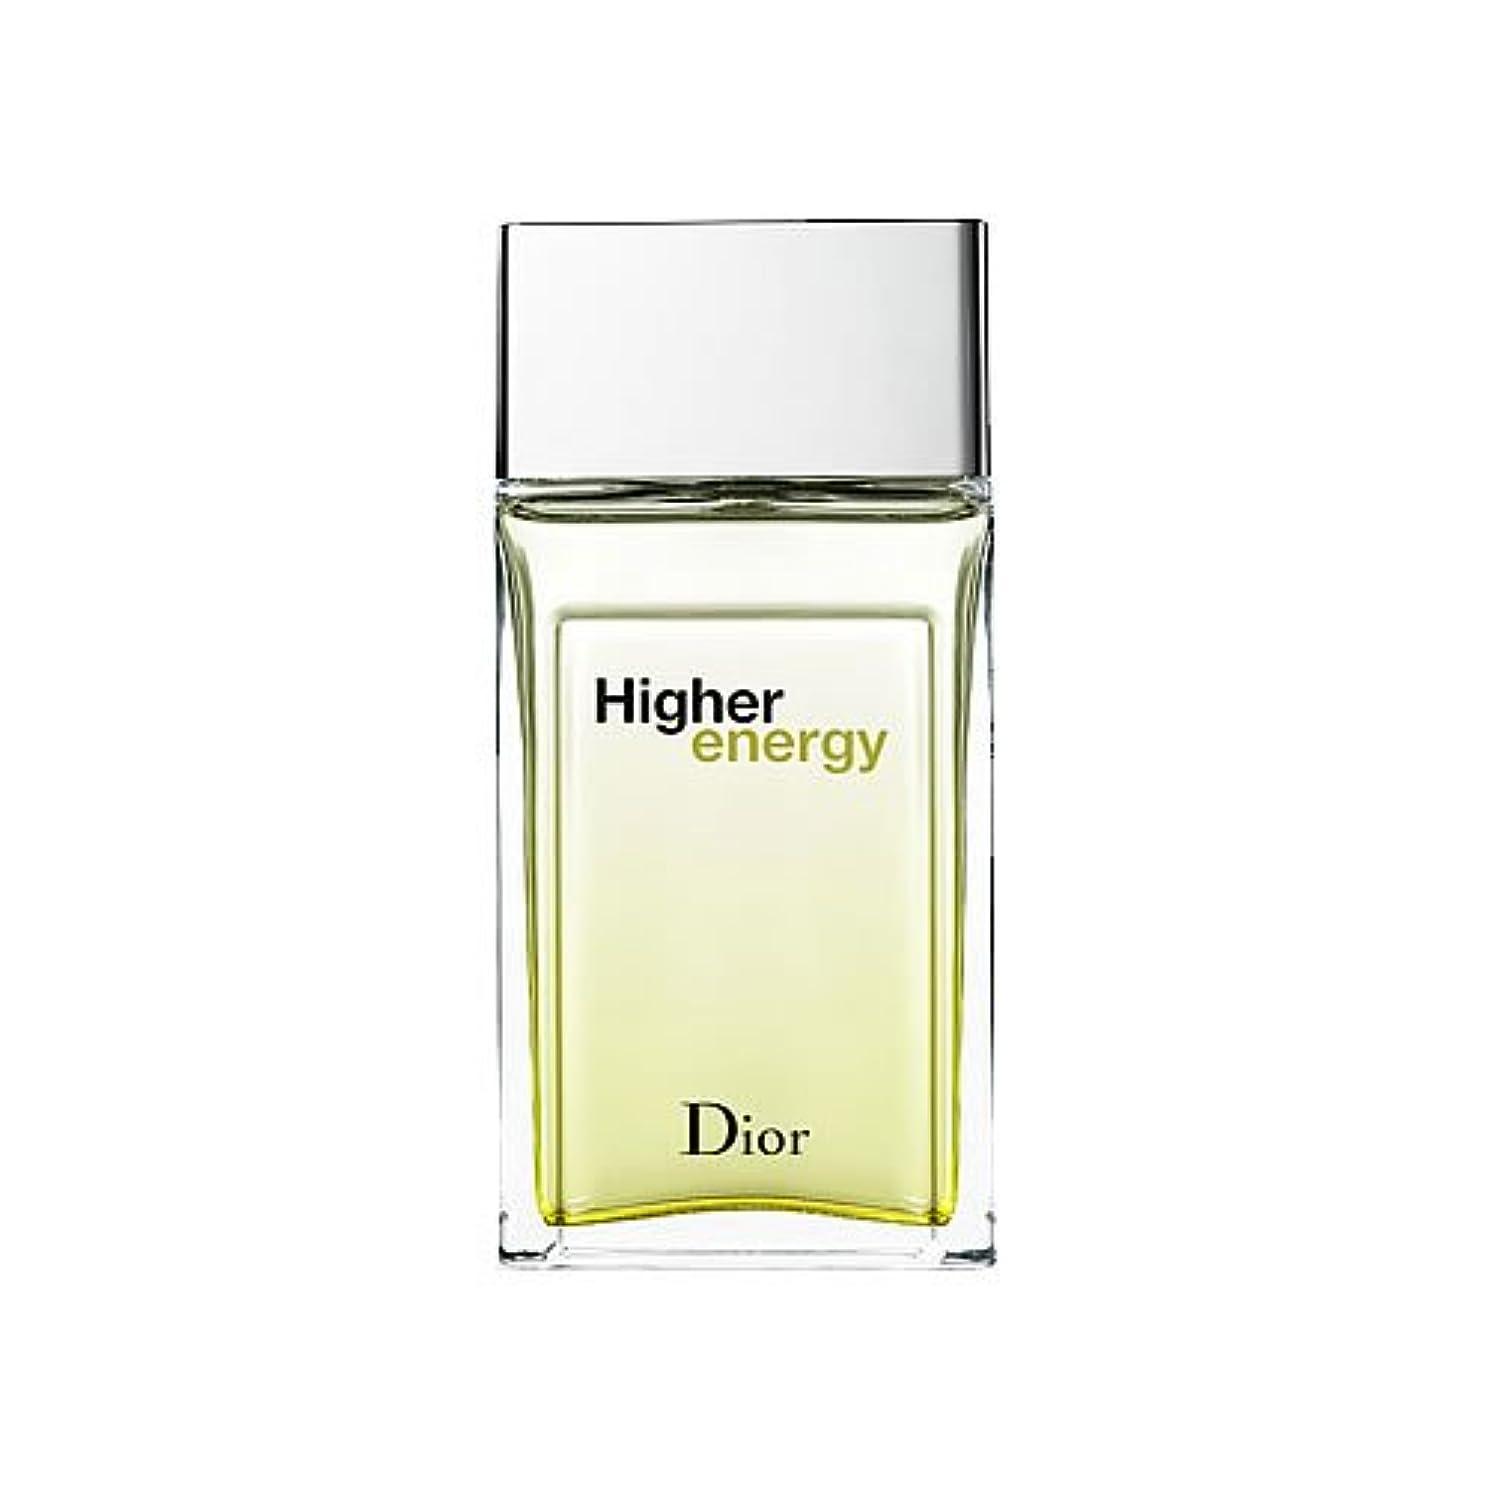 ゴールド乱闘小石クリスチャン ディオール(Christian Dior) ハイヤー エナジー EDT 100ml[並行輸入品]